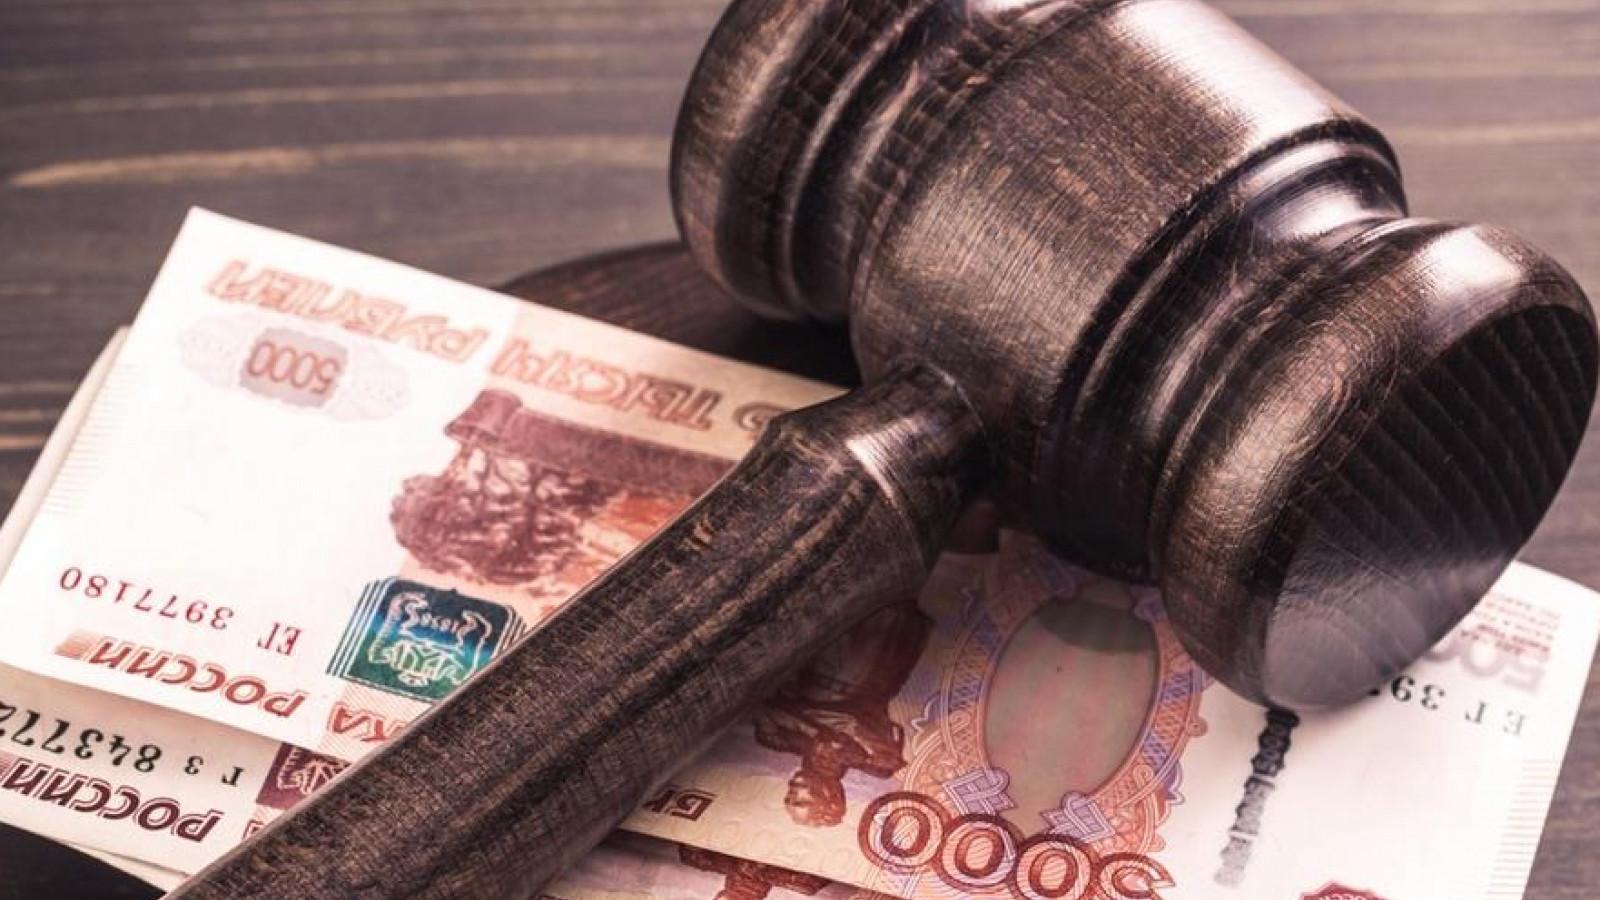 УФАС Подмосковья оштрафовало индивидуального предпринимателя за заключение картельного сговора